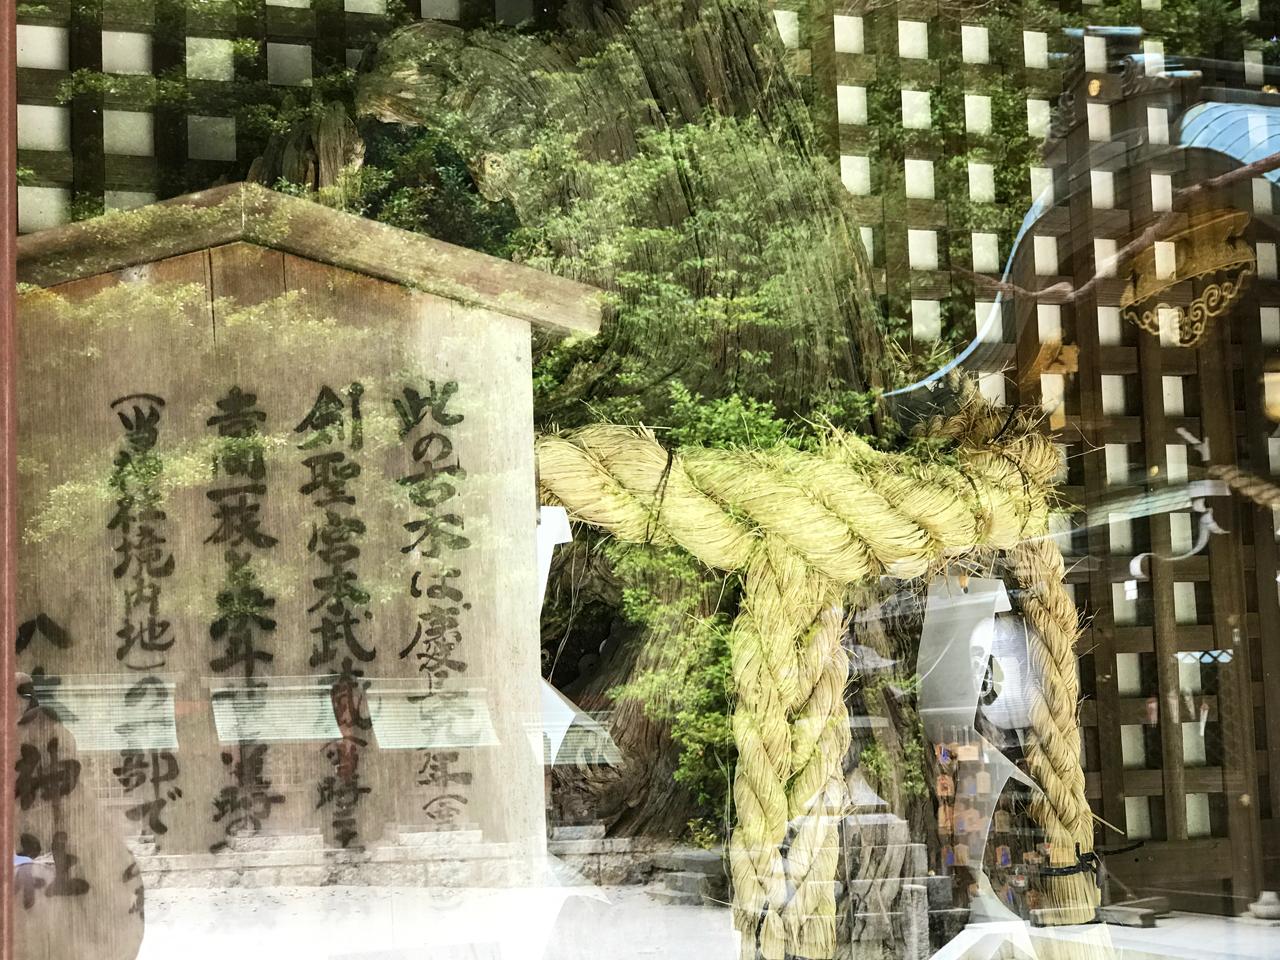 八大神社の一条寺下り松